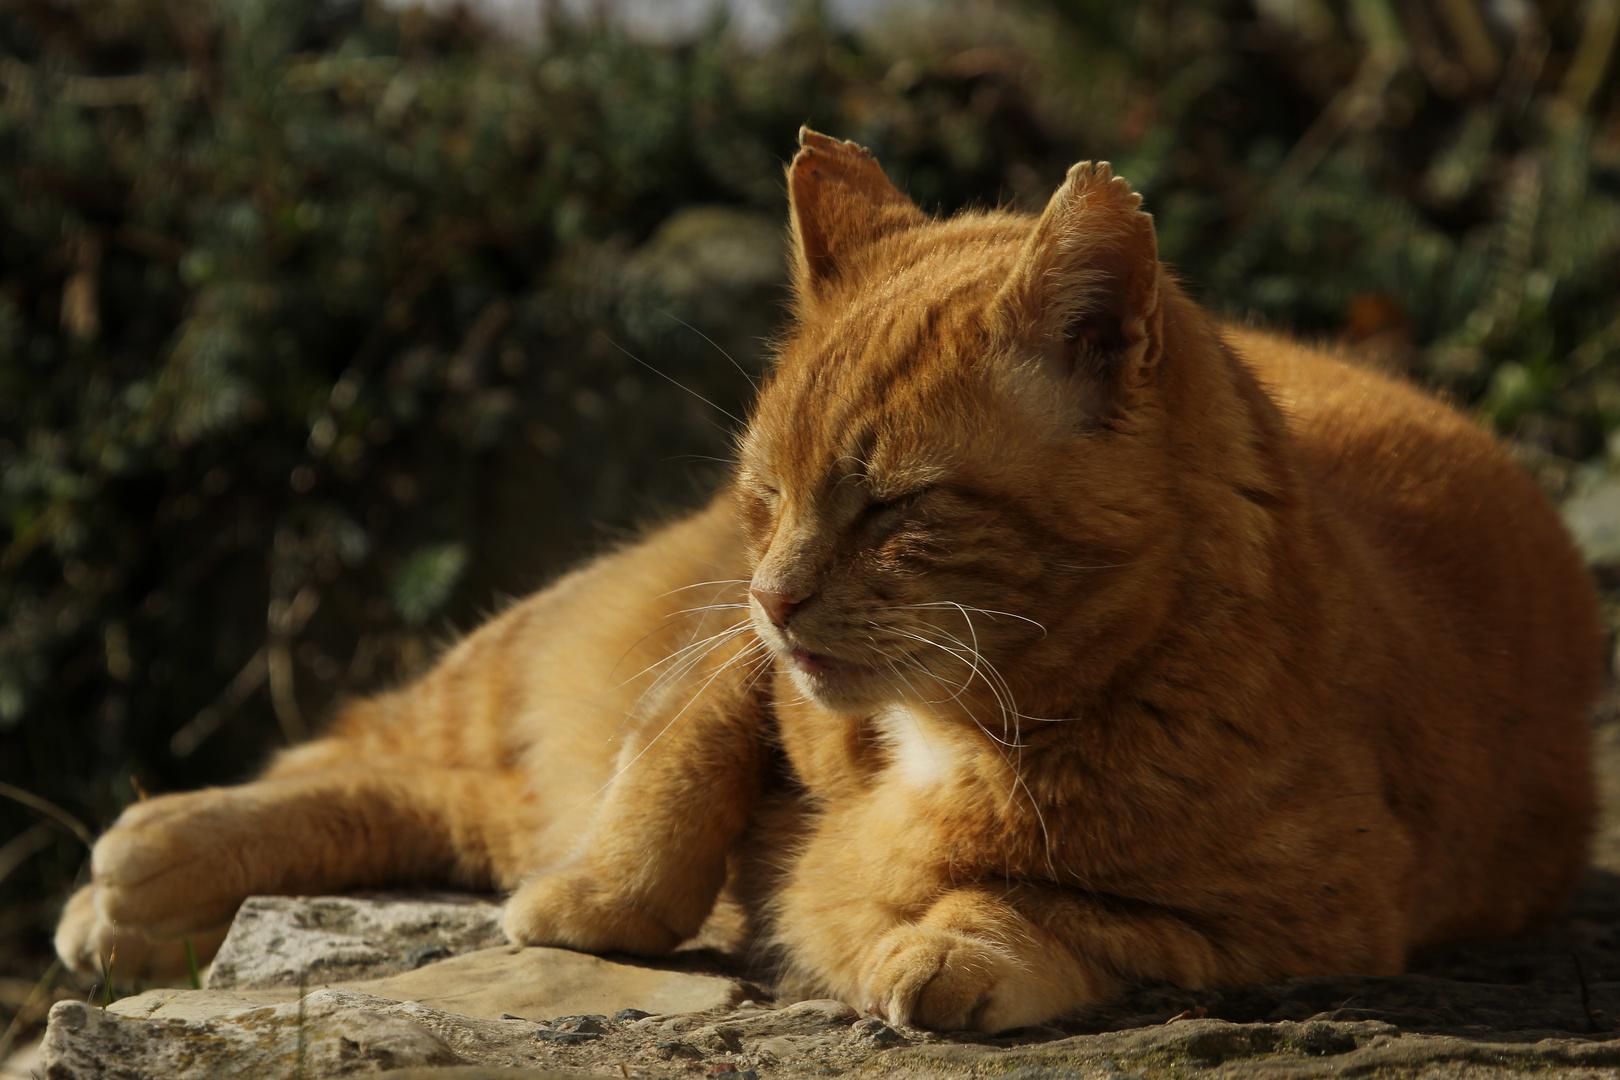 Fritz geniesst die Wärme der Sonne